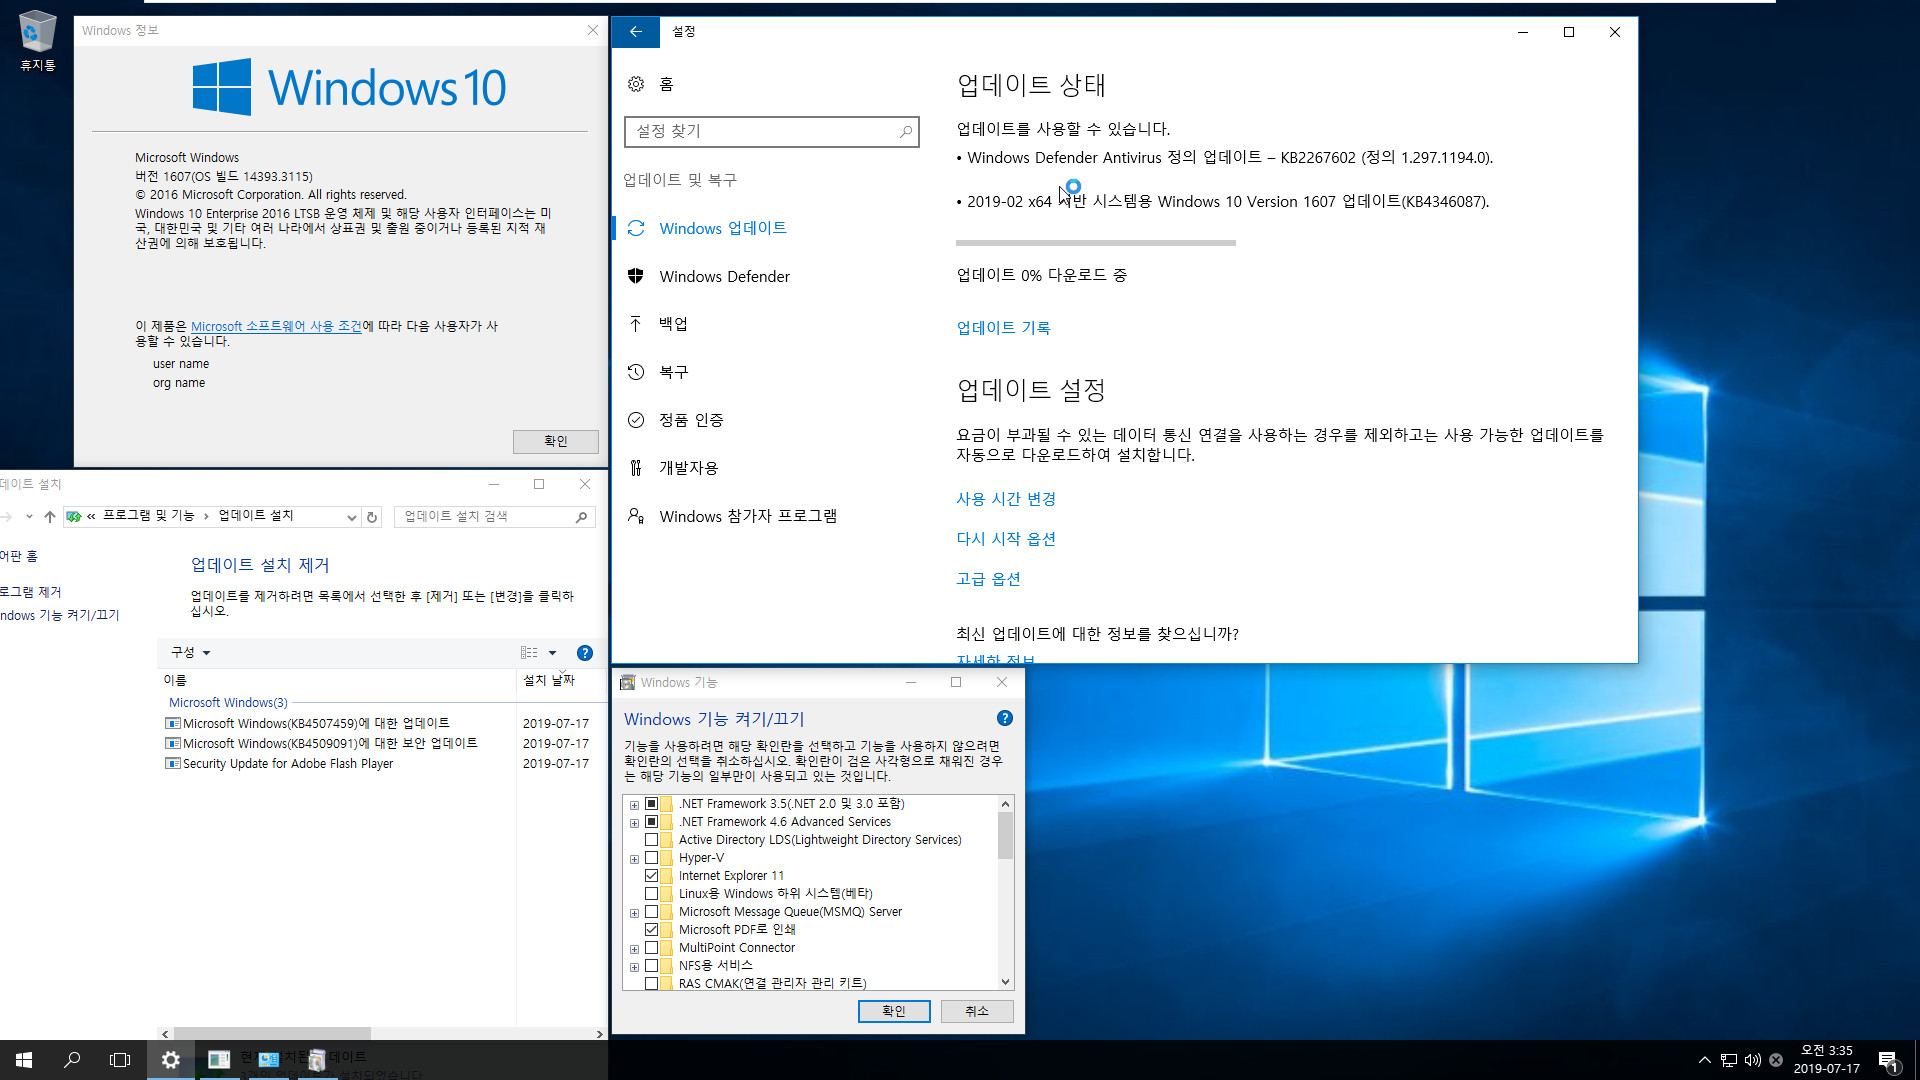 Windows 10 수시 업데이트 나왔네요 - Windows 10 버전 1607 누적 업데이트 KB4507459 (OS 빌드 14393.3115) [2019-07-16 일자] 중에 2016 LTSB 통합중 입니다 2019-07-17_033518.jpg